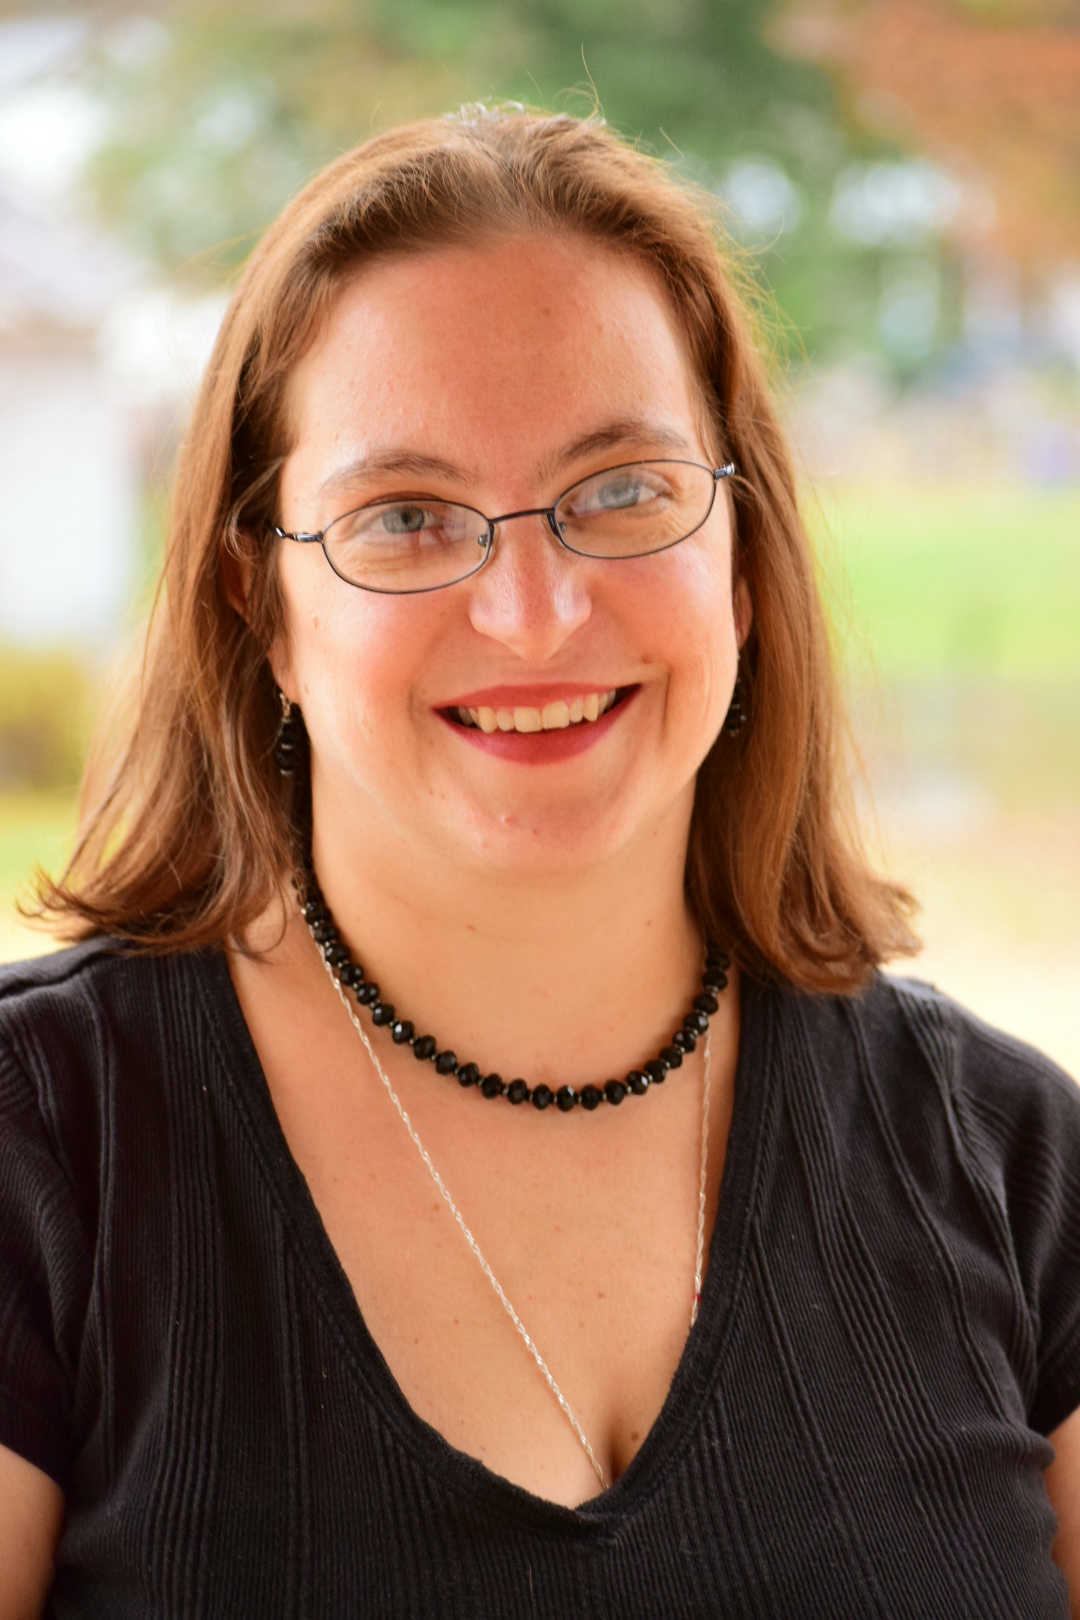 Jenn Carlson